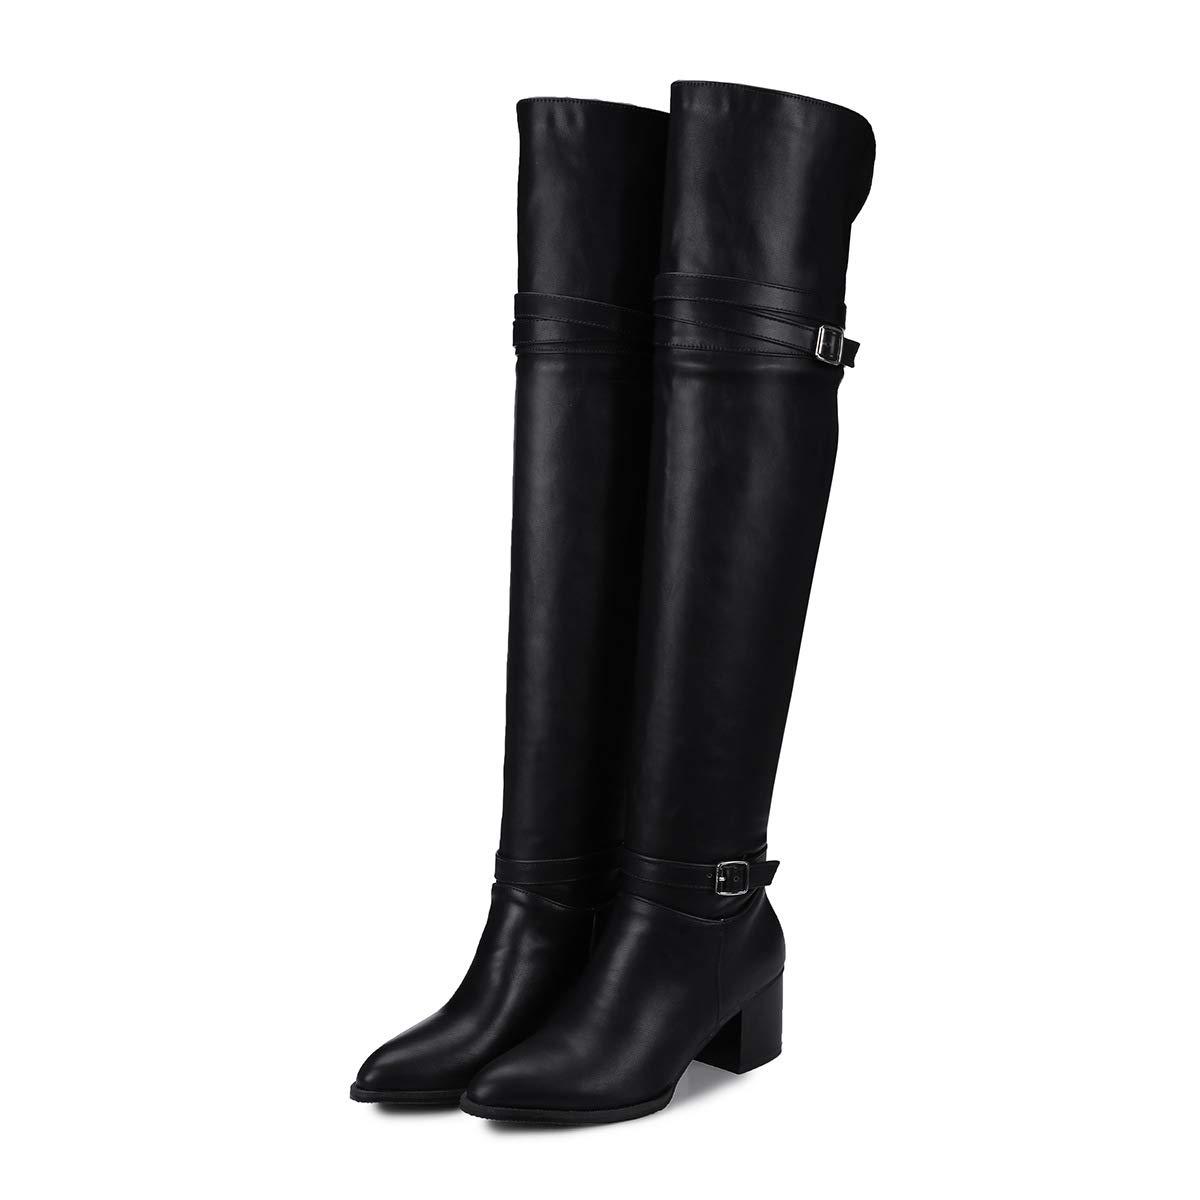 Grobe Fersen für Damen Hohe Knie-Lange Knie-Lange Hohe Stiefel 332834